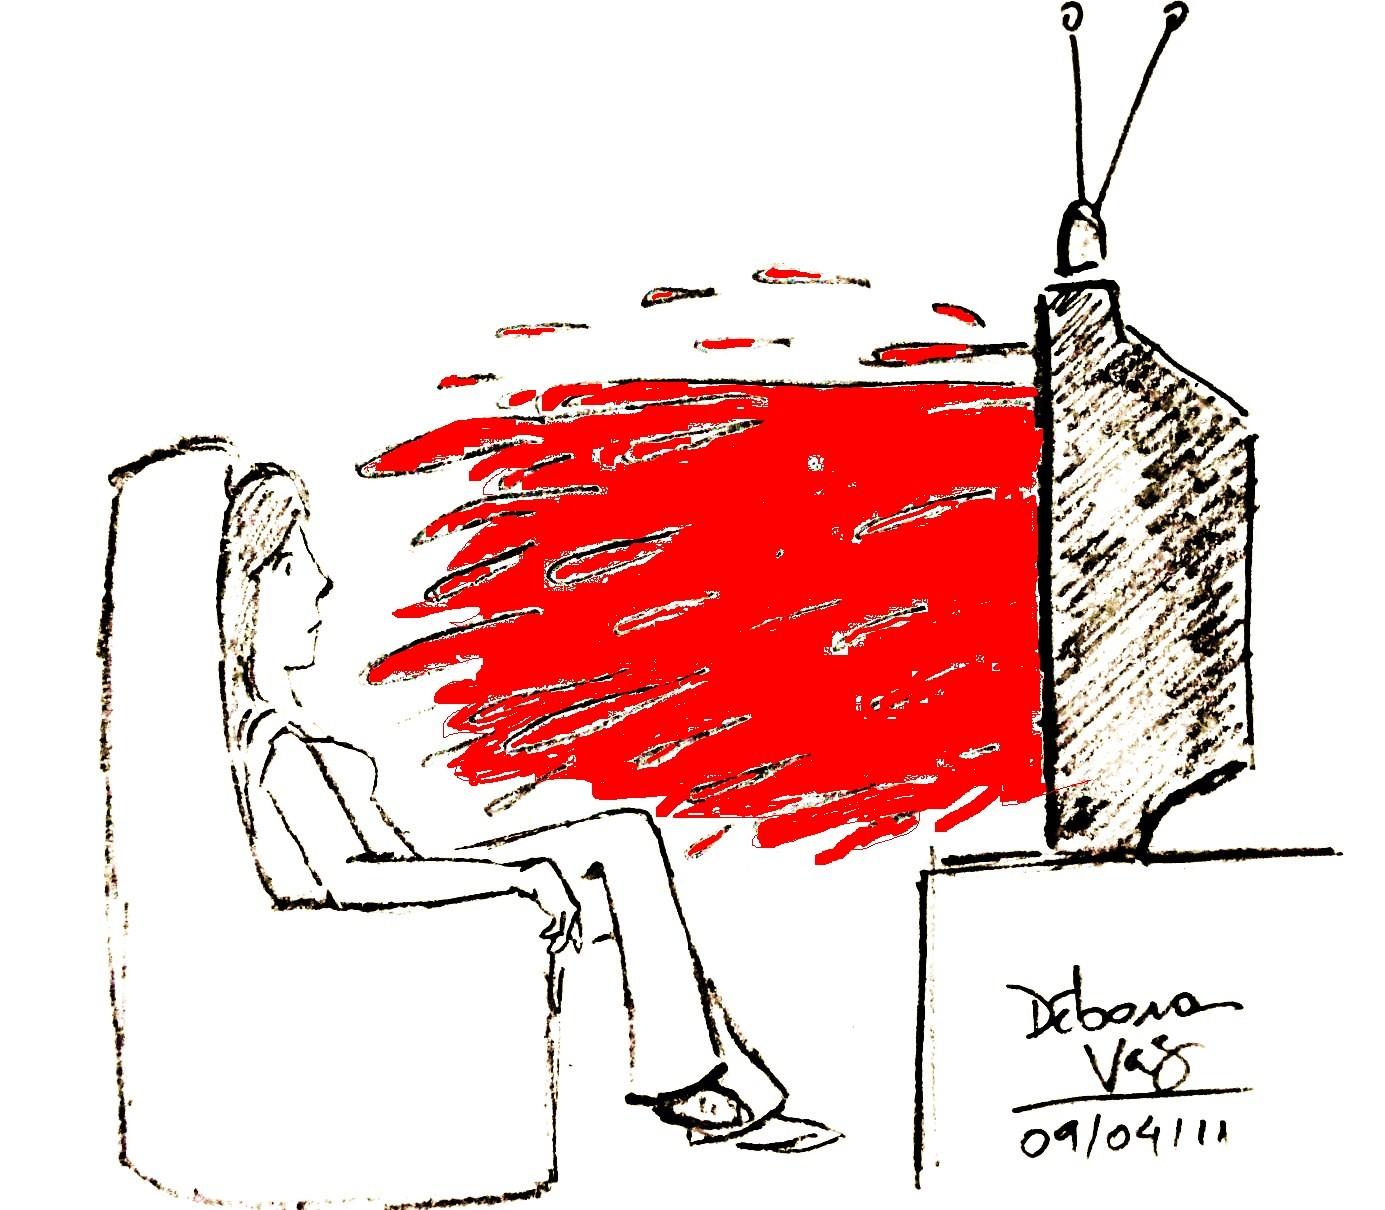 712ee295ce A crescente espetacularização da violência nos meios de comunicação  (telejornalismo)